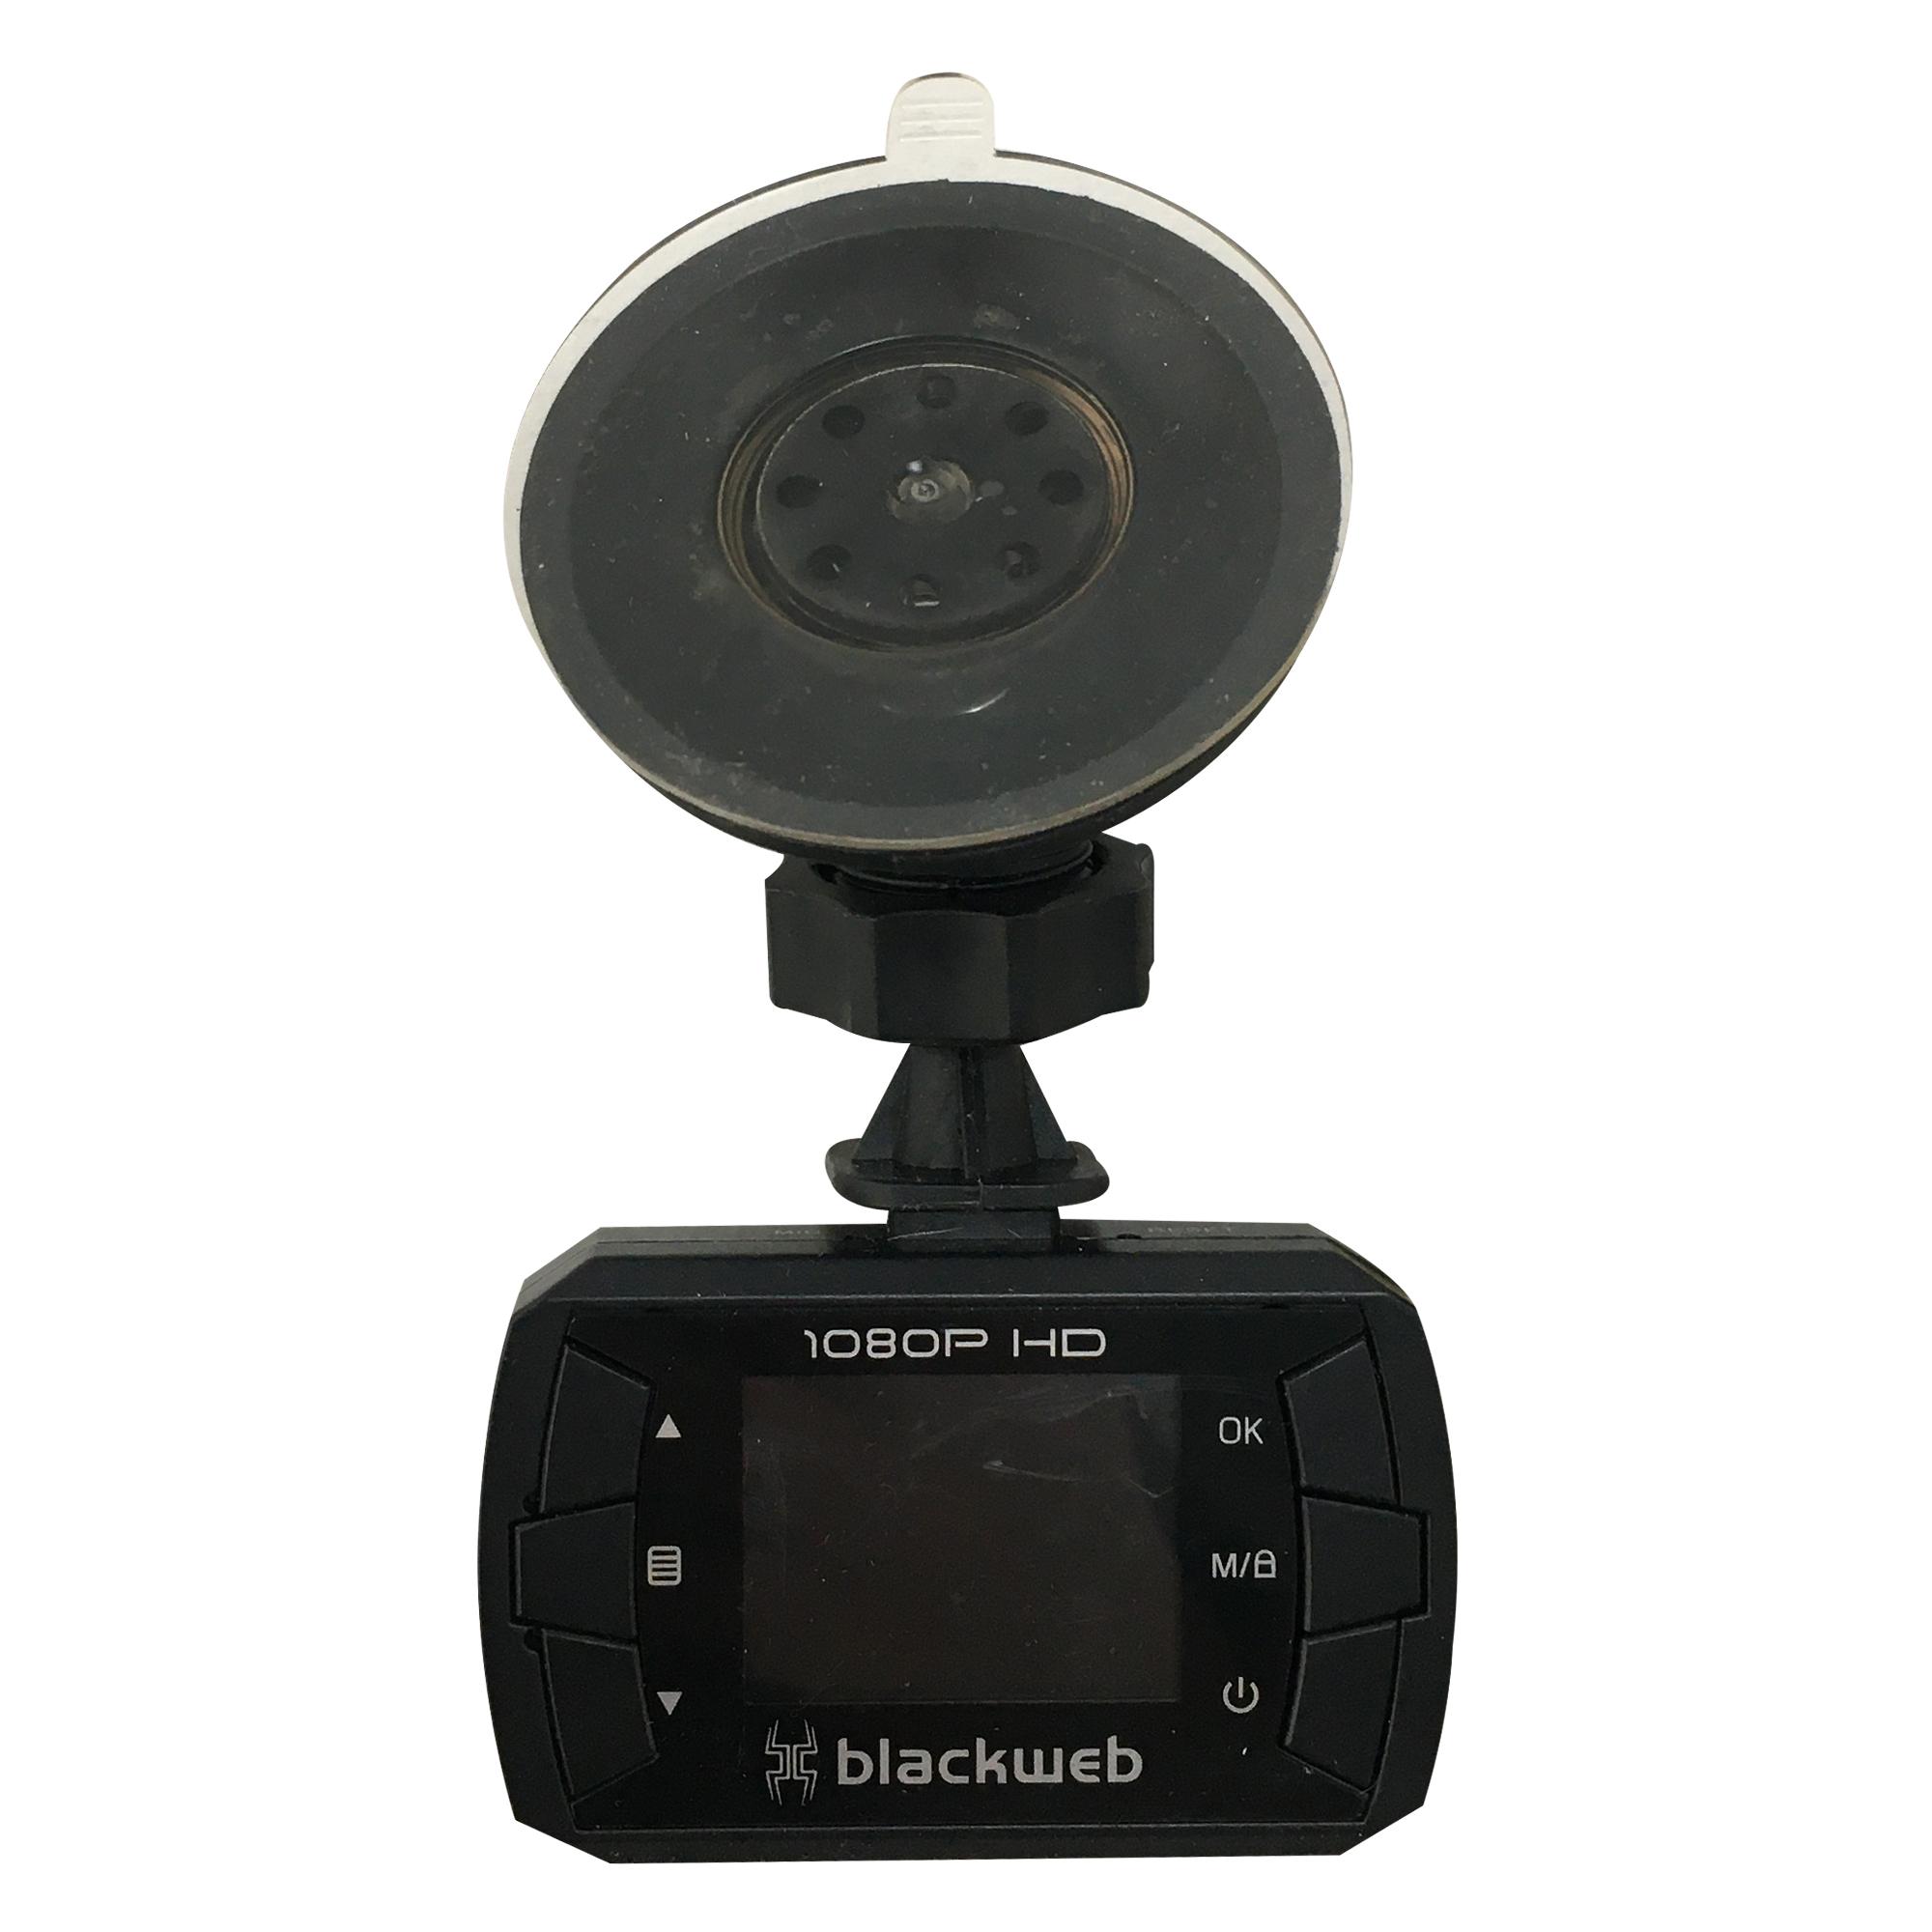 بررسی و {خرید با تخفیف} دوربین فیلم برداری خودرو بلک وب کد 001 اصل